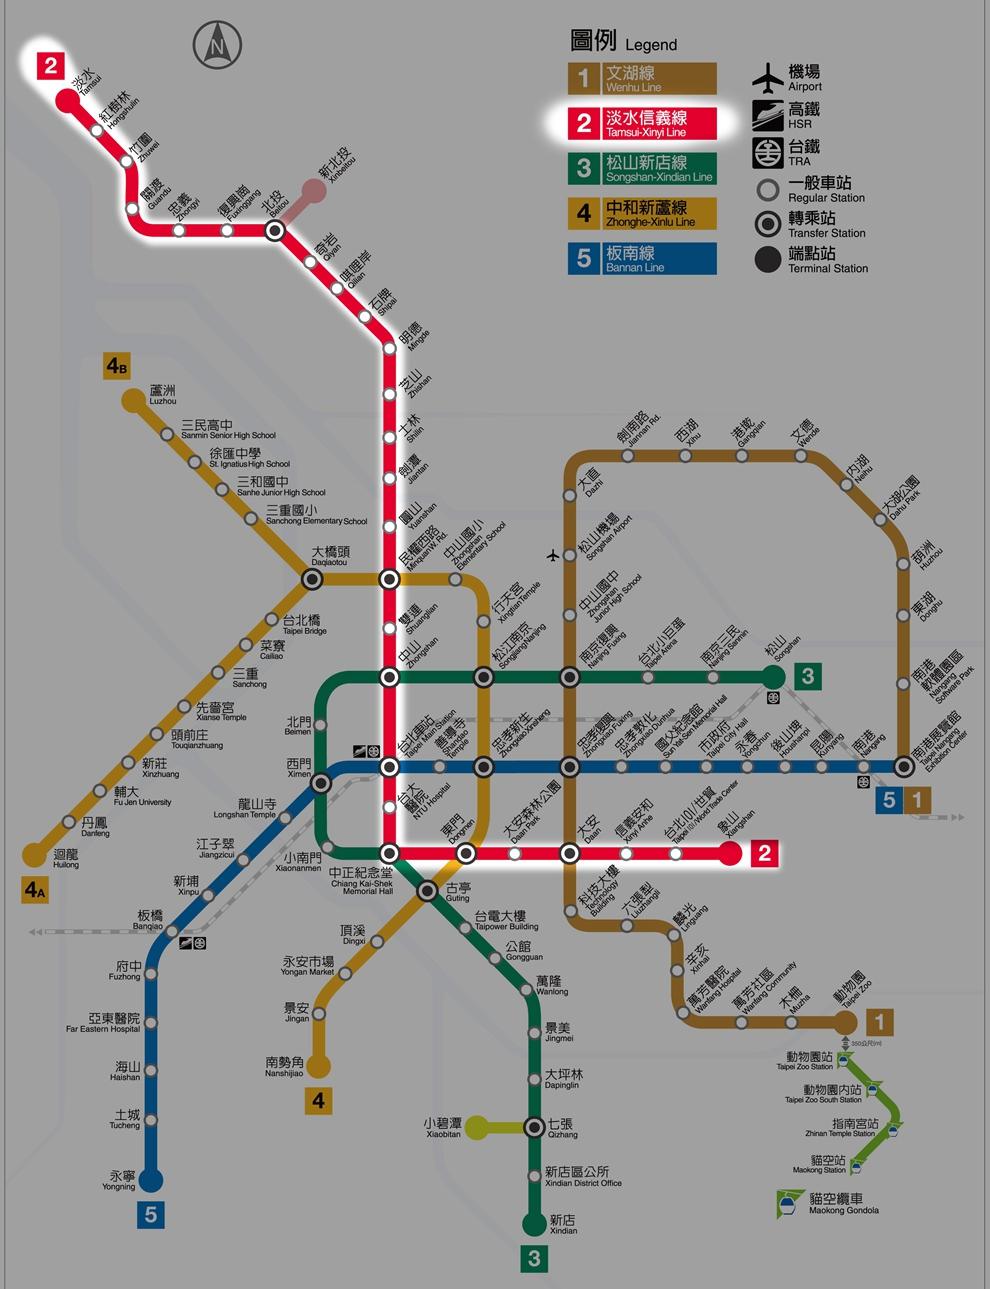 沿着台北捷运 红线 走一圈,指不定你就找到真爱了